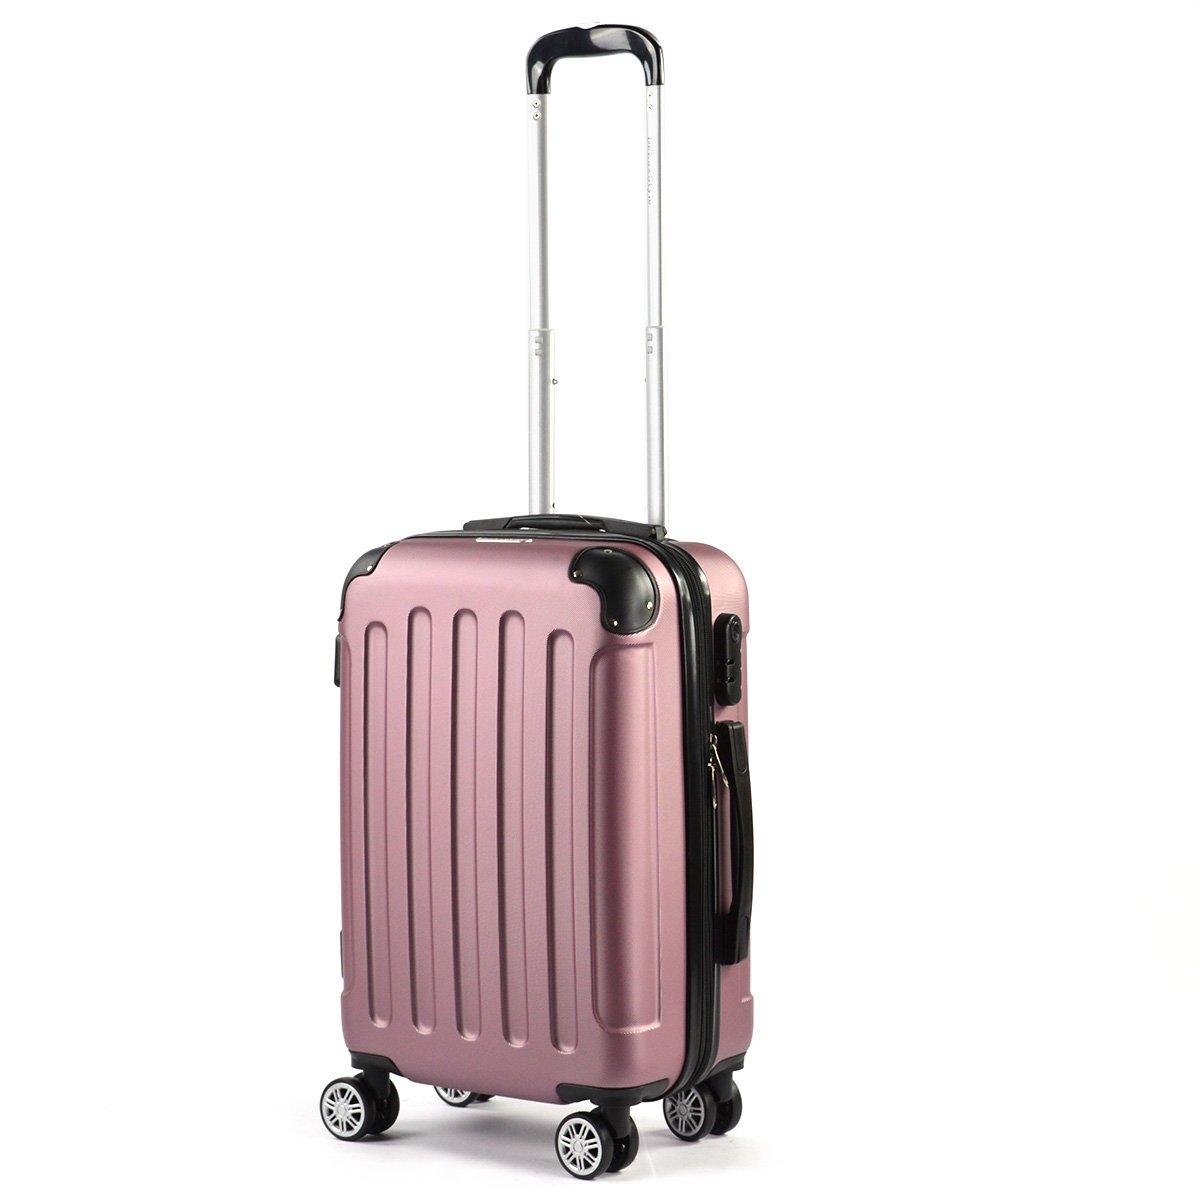 Flexot Handgepäck - Trolley - Bordcase S - Koffer - Reisekoffer - Hartschale - mit Dehnfalte (Erweiterung), Doppelgriff, Zwillingsreifen, Pink - Lila Flexot-S-Pink